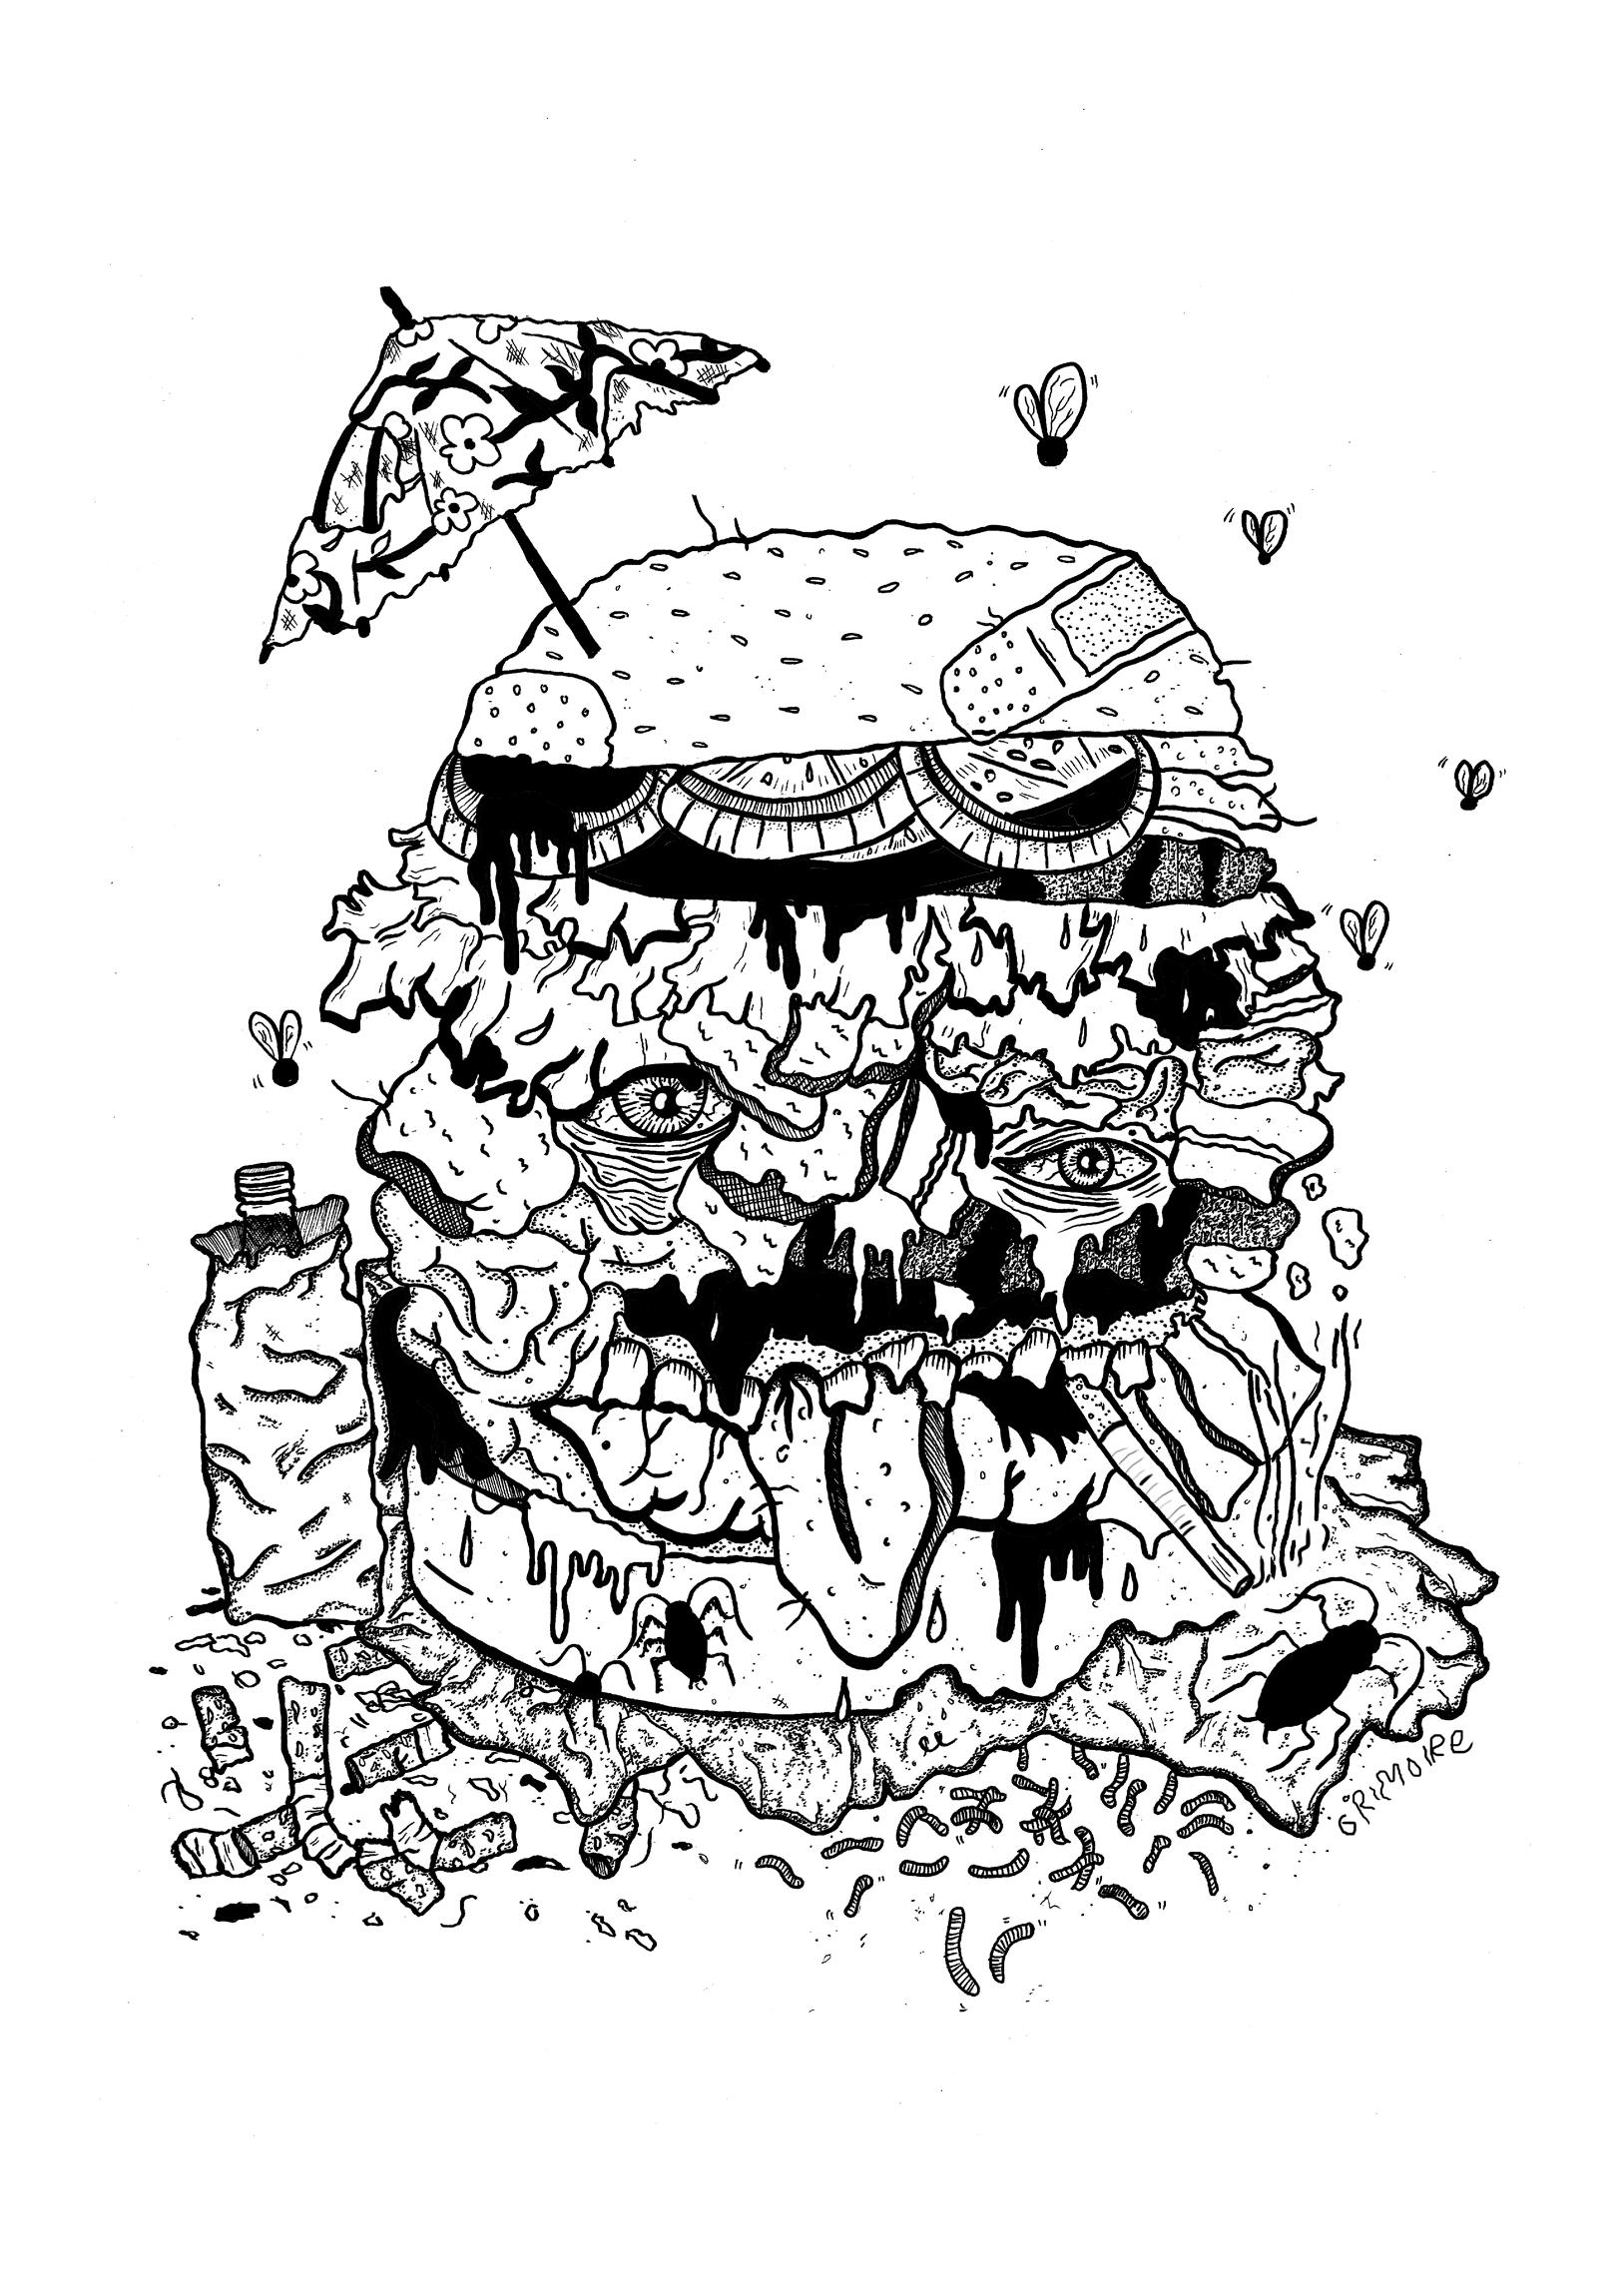 grotesqueburgerfixed.jpg